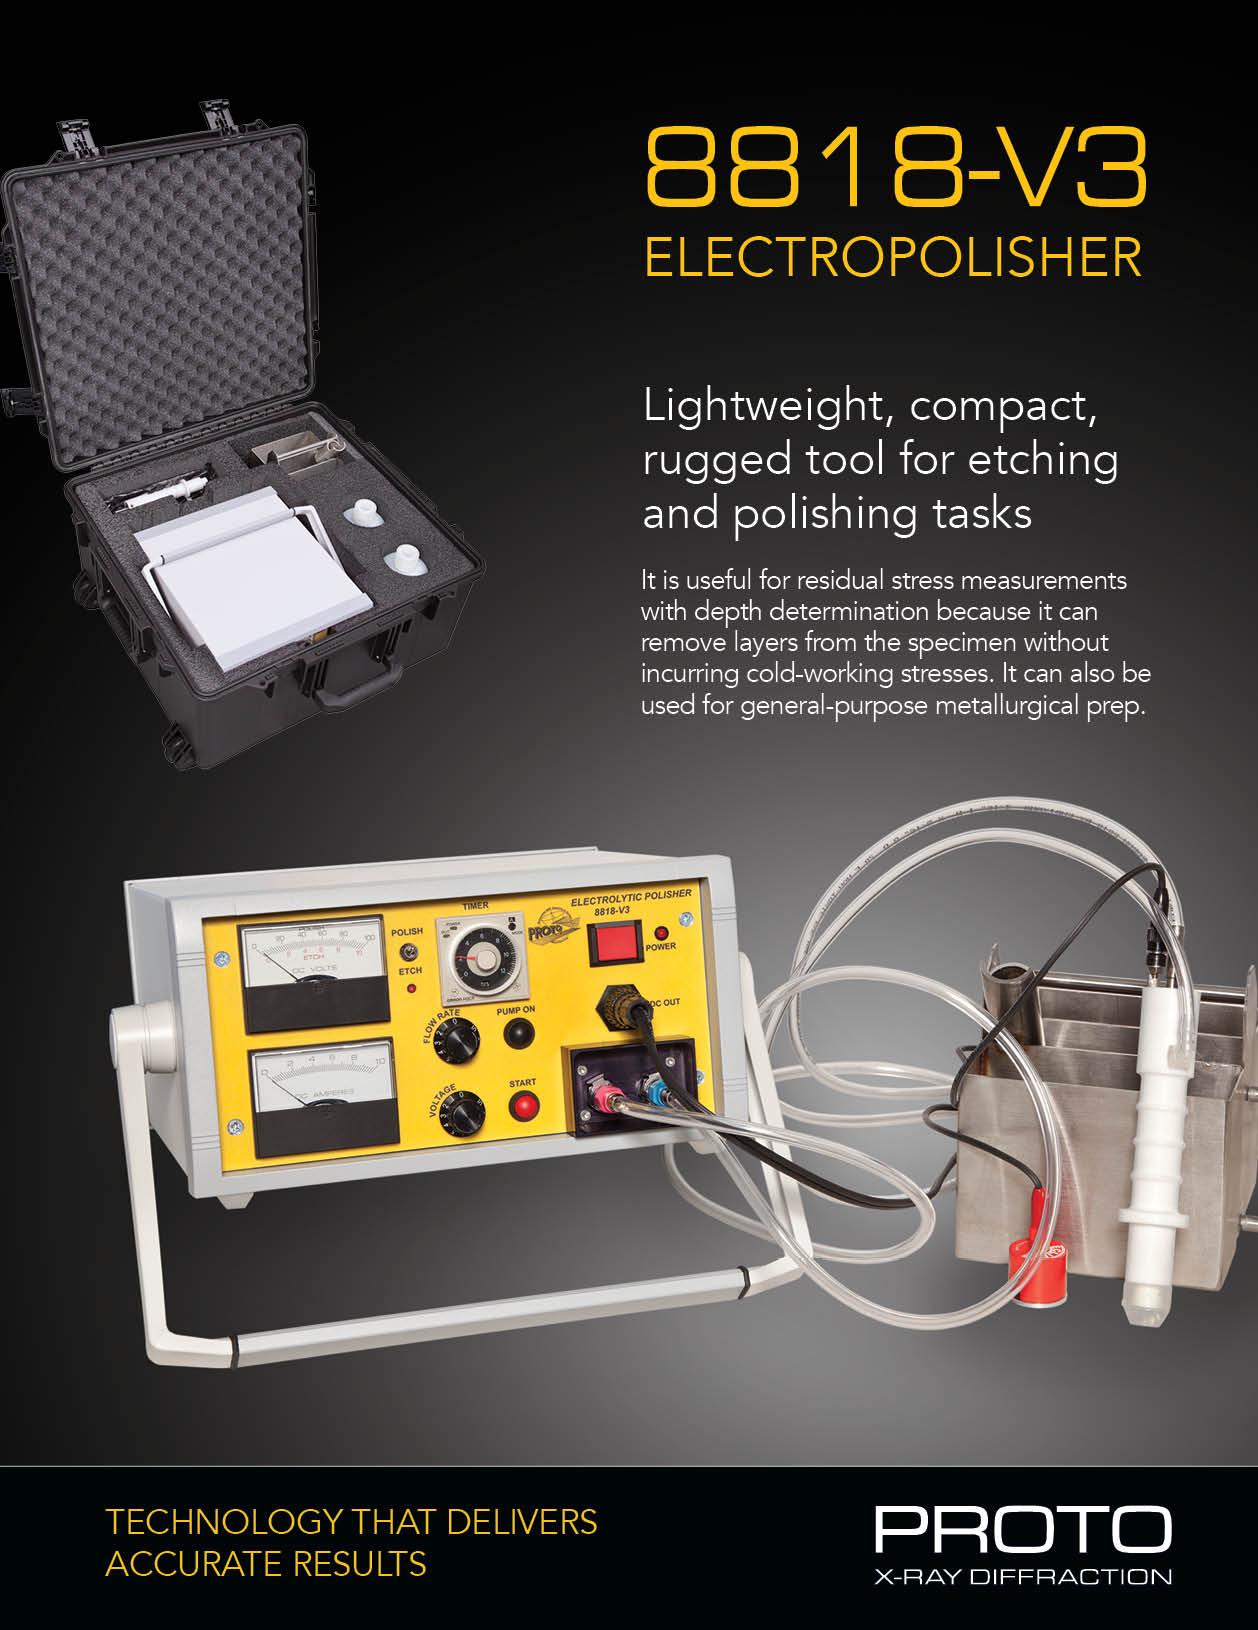 Electropolisher brochure